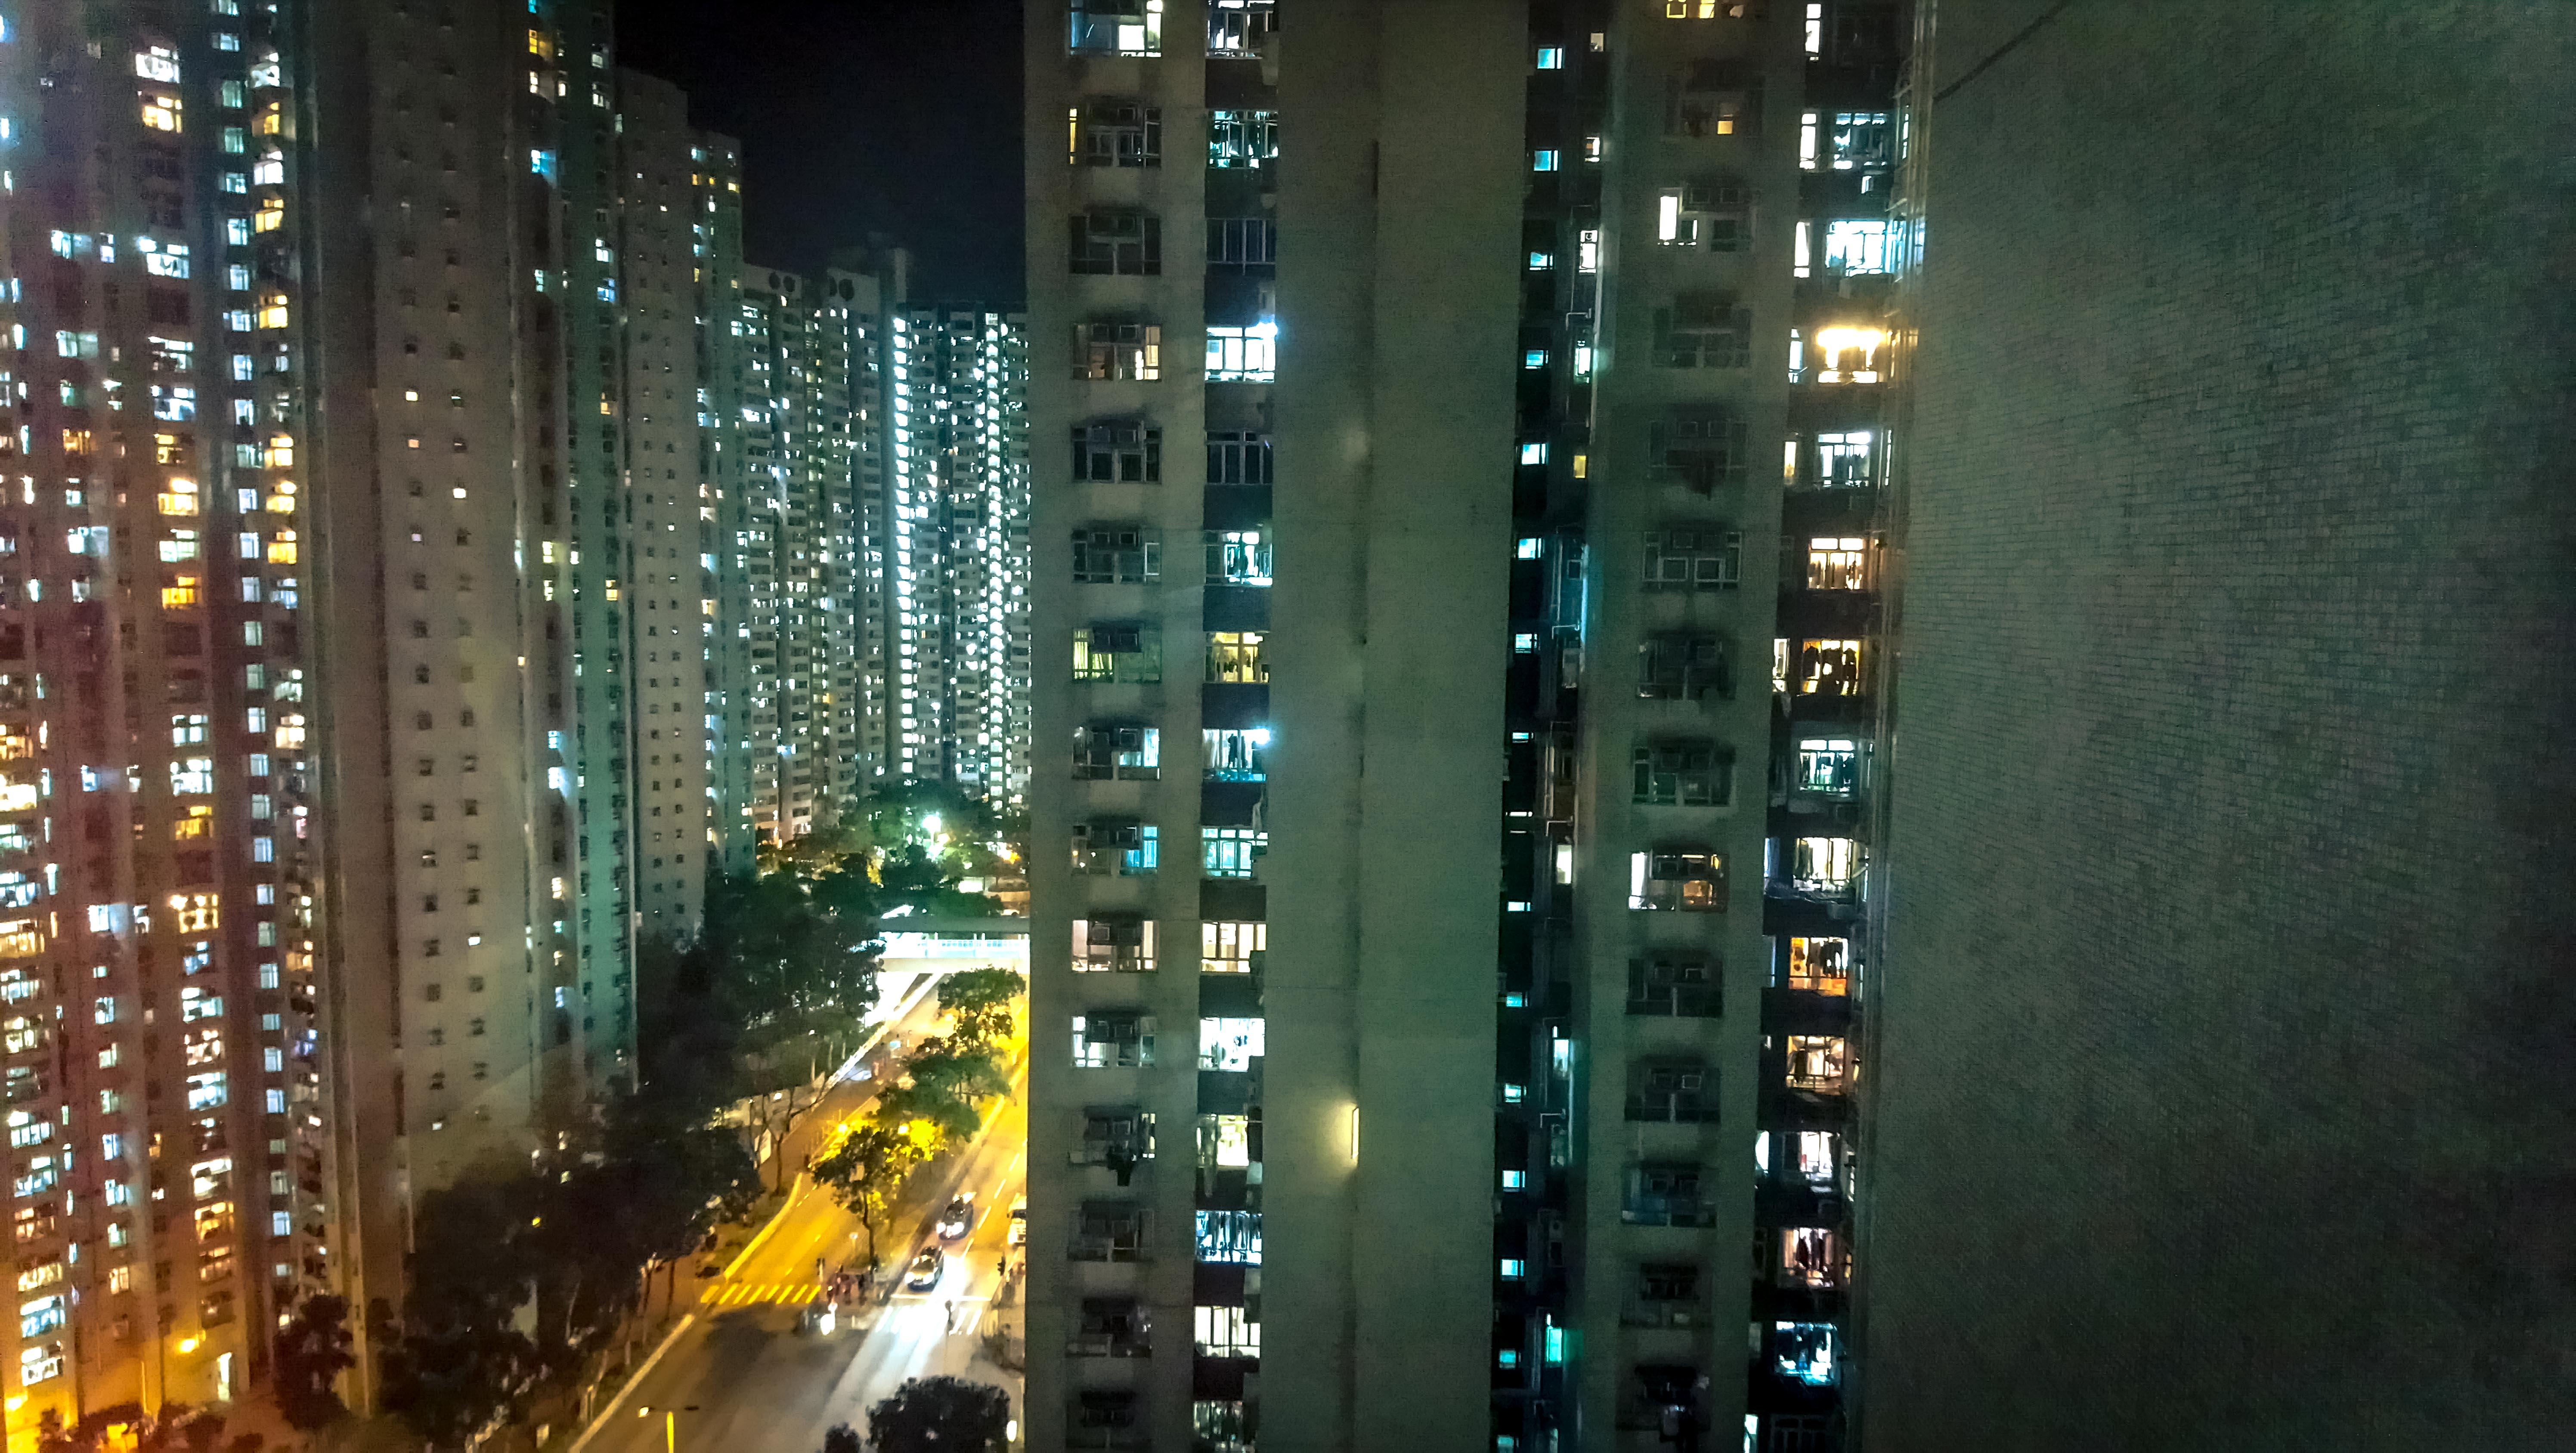 梁康銘_瘟疫蔓延時,萬家燈火照亮香港,人們努力地生活